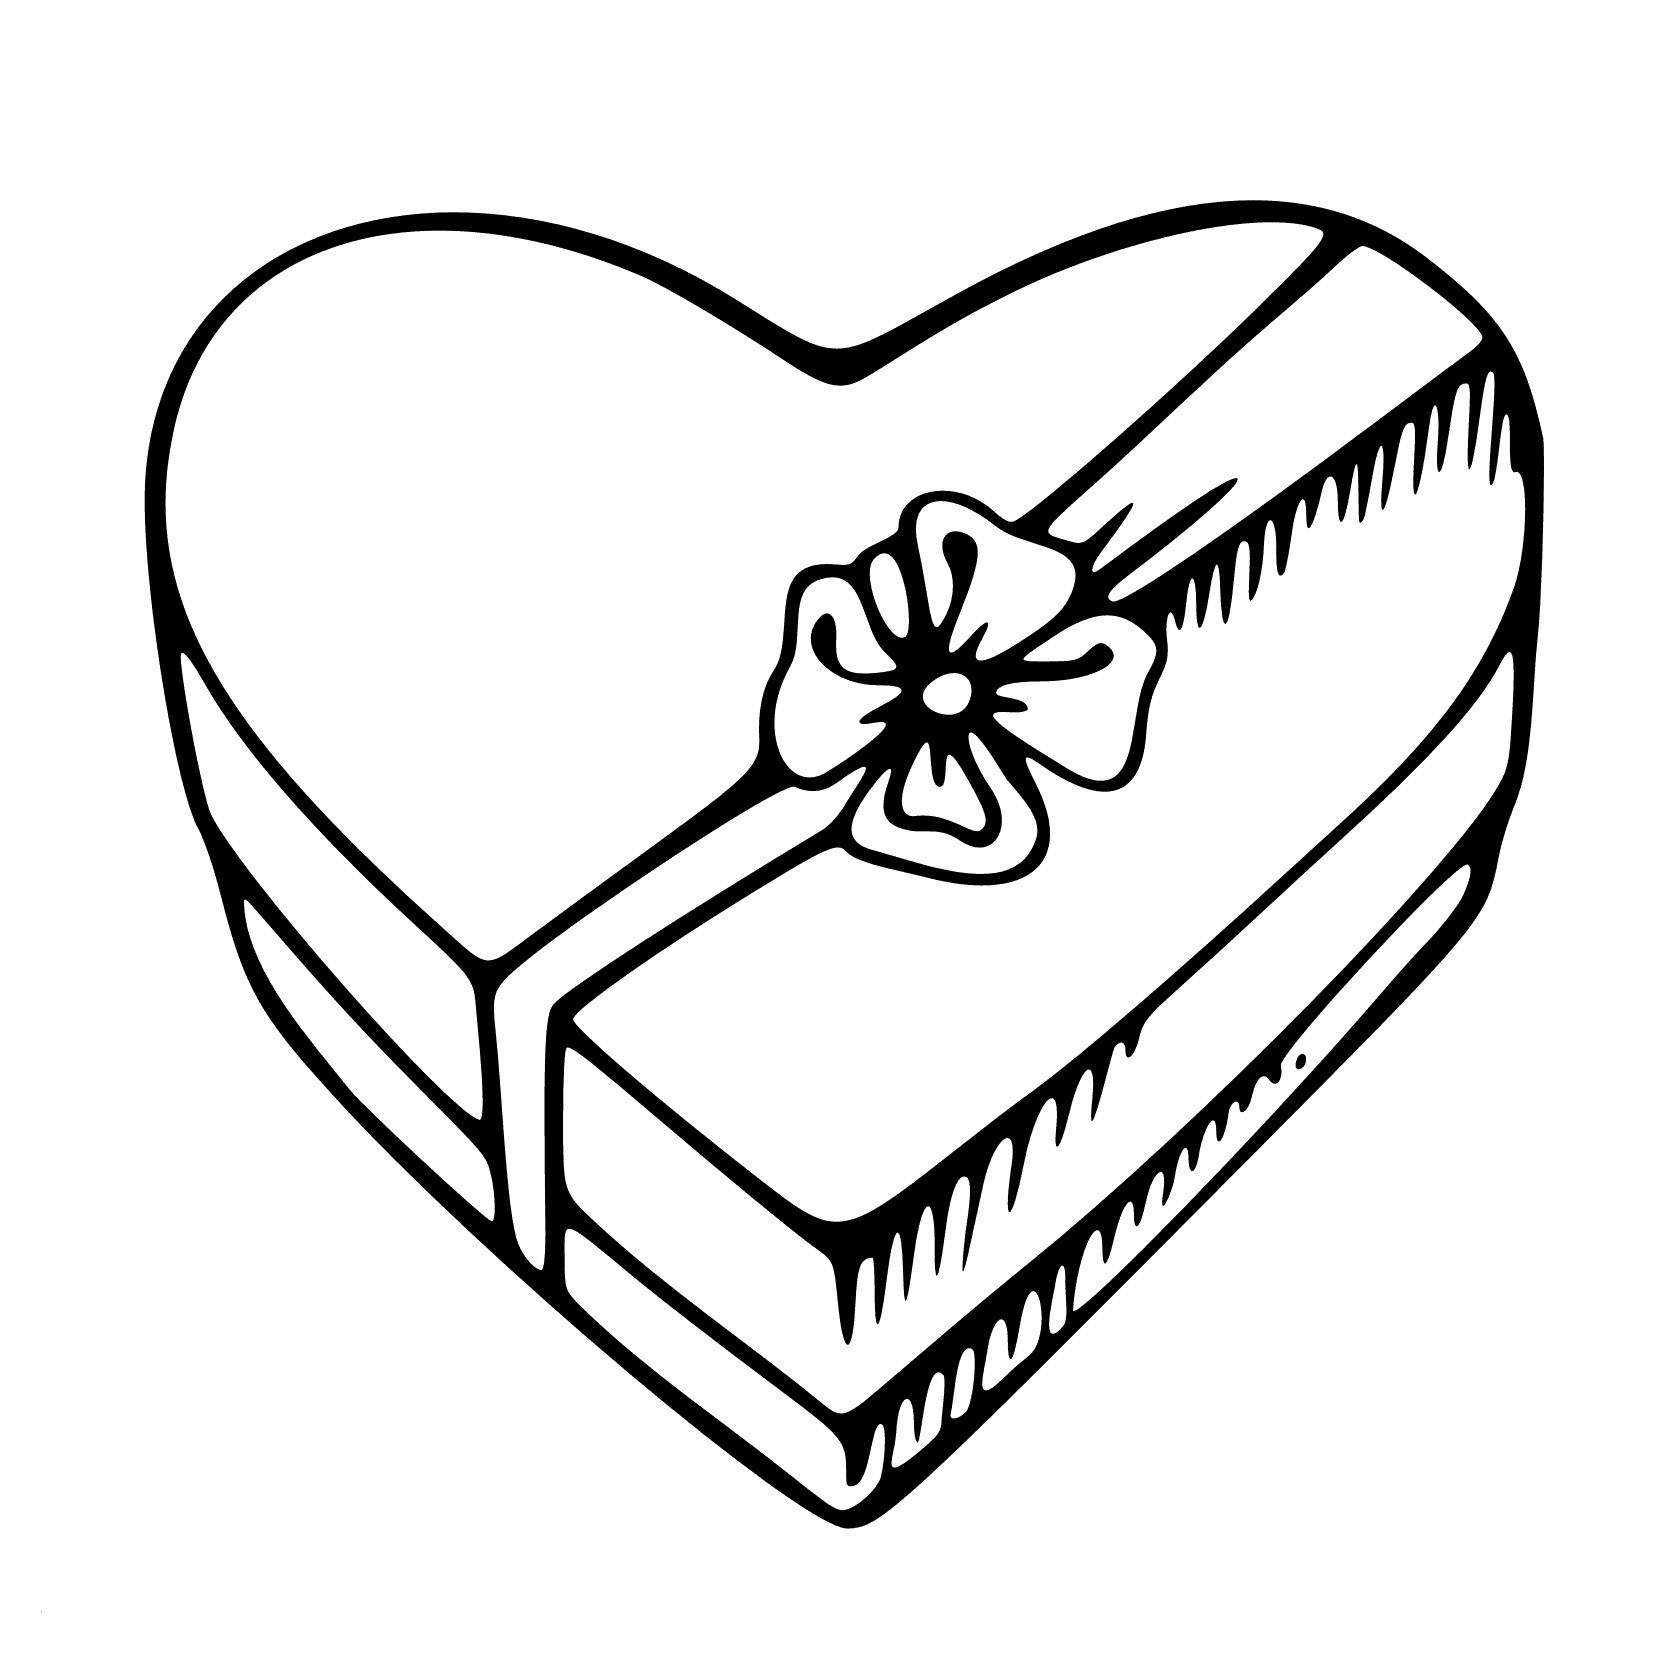 Herzen Zum Ausmalen Genial 40 Herz Malvorlagen Scoredatscore Schön Herz Ausmalbilder Beste Bild